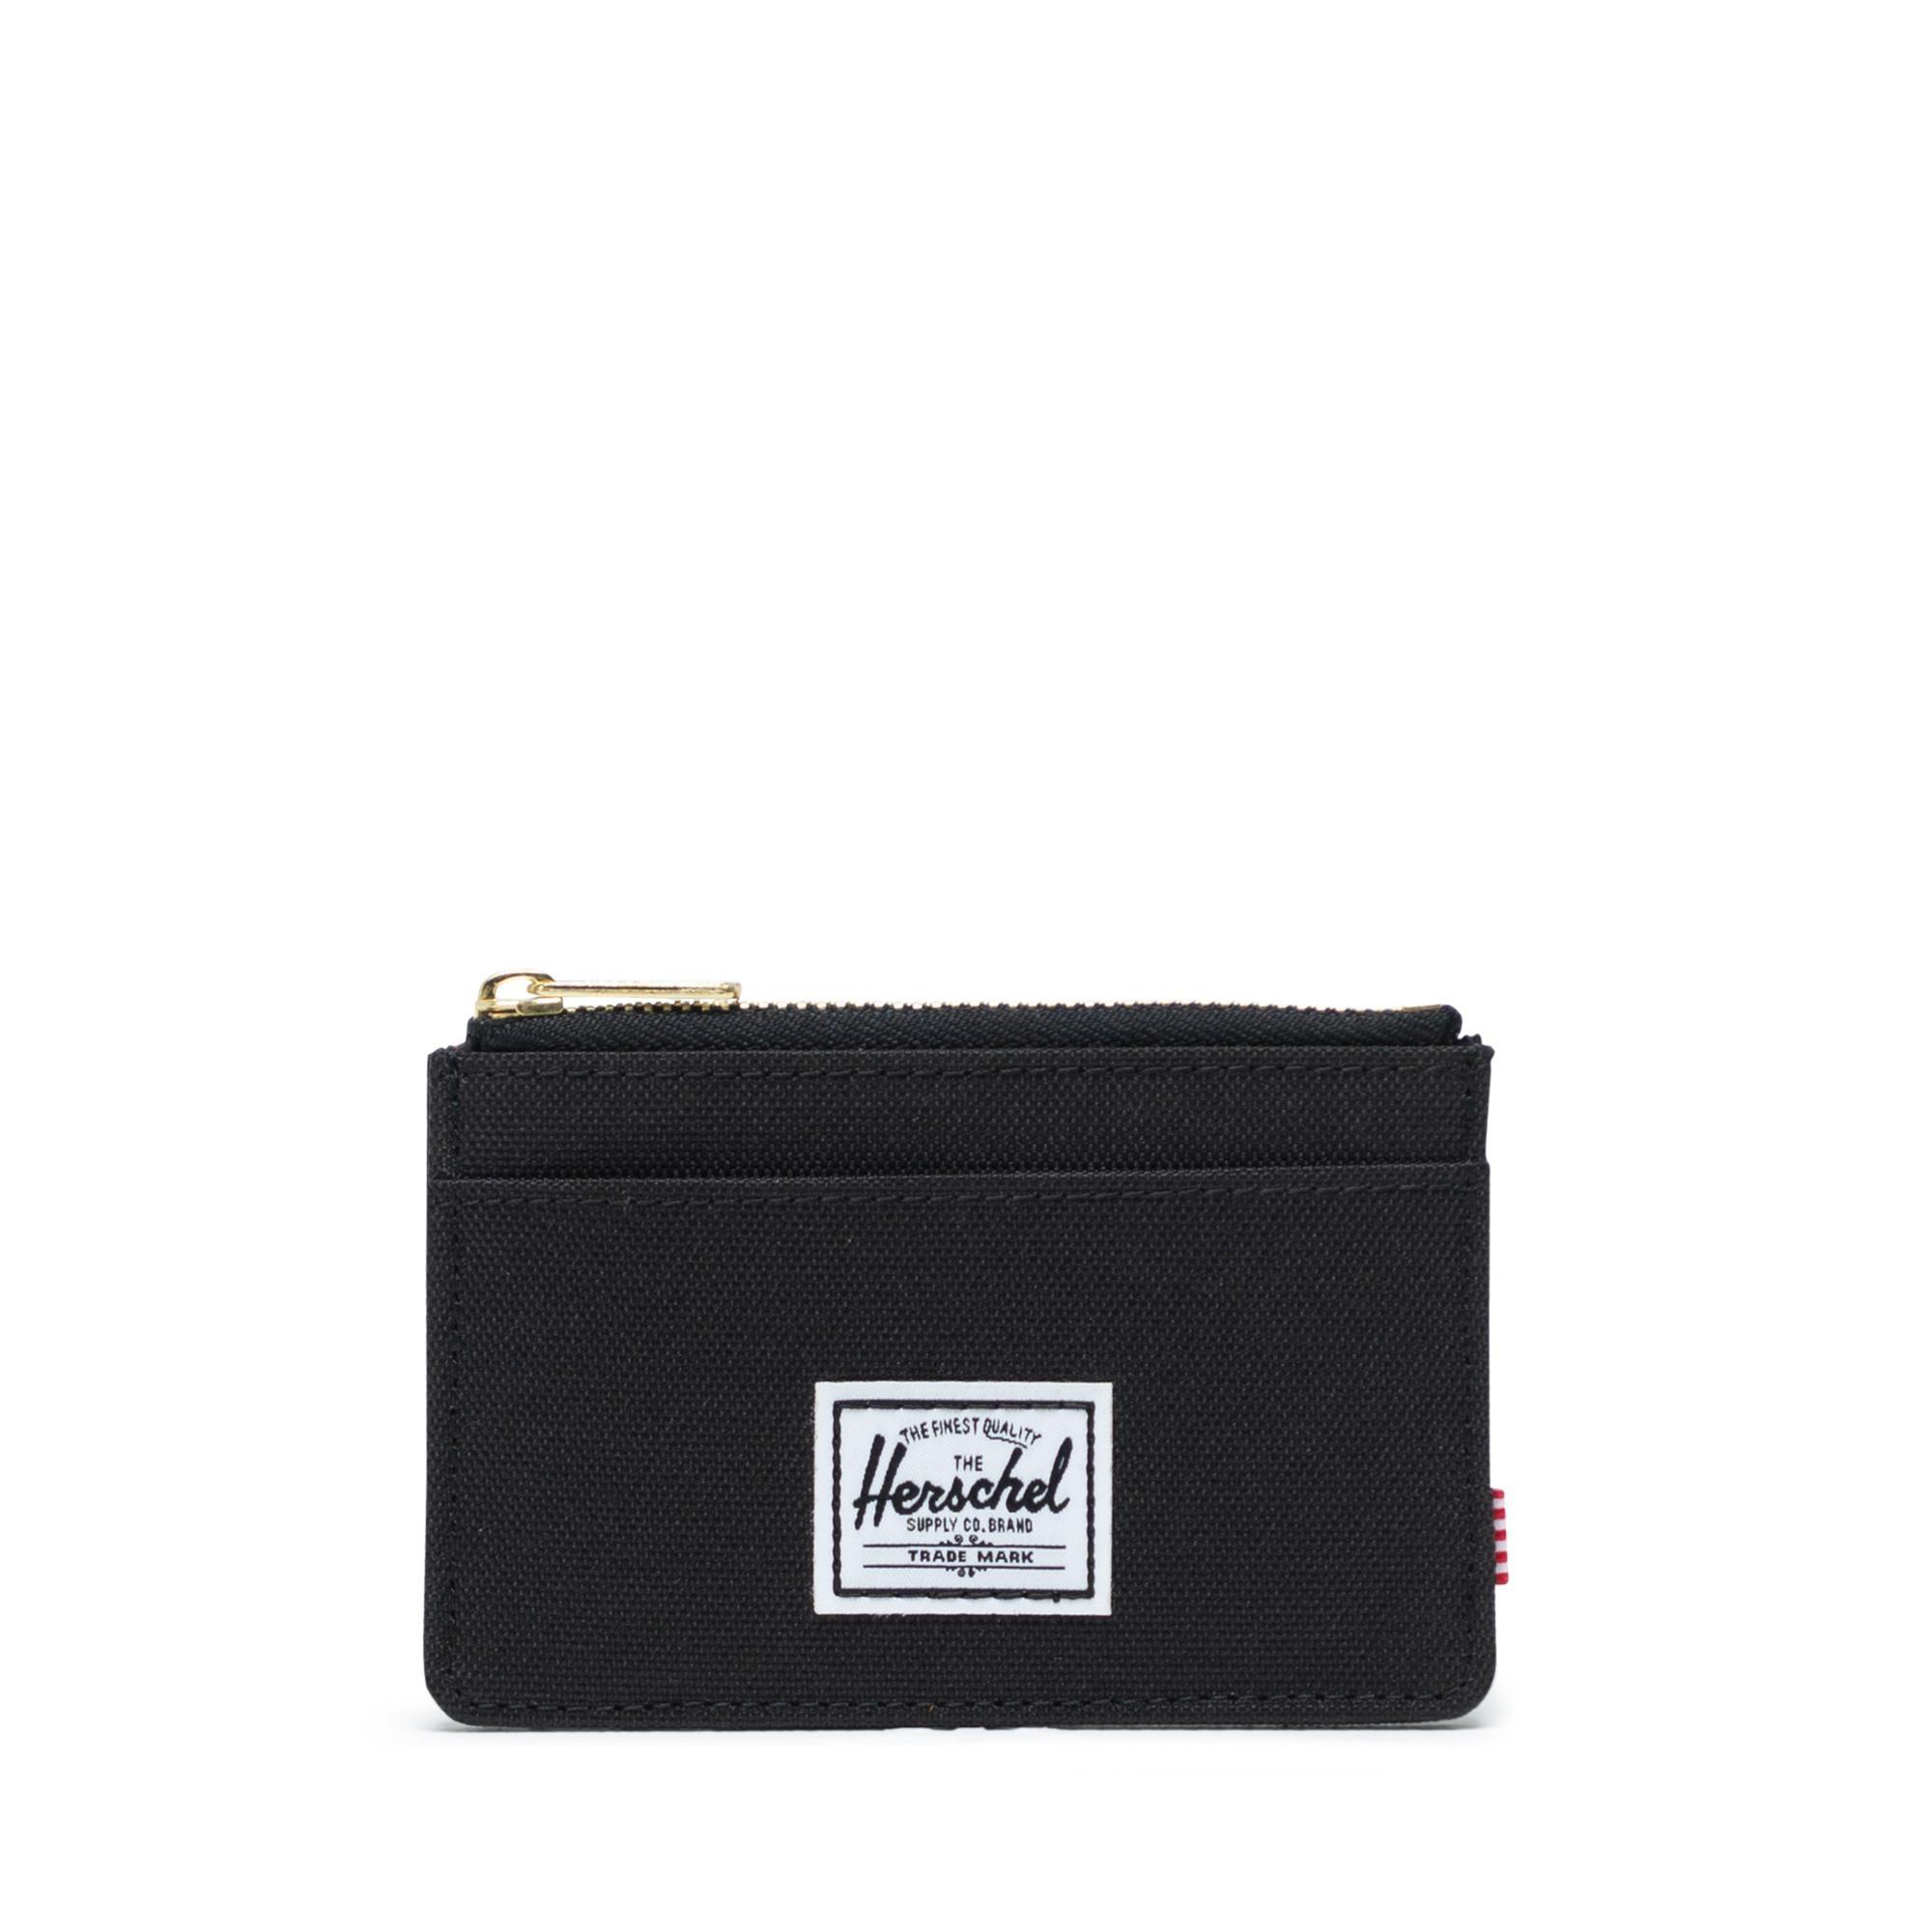 Herschel Oscar RFID - Black